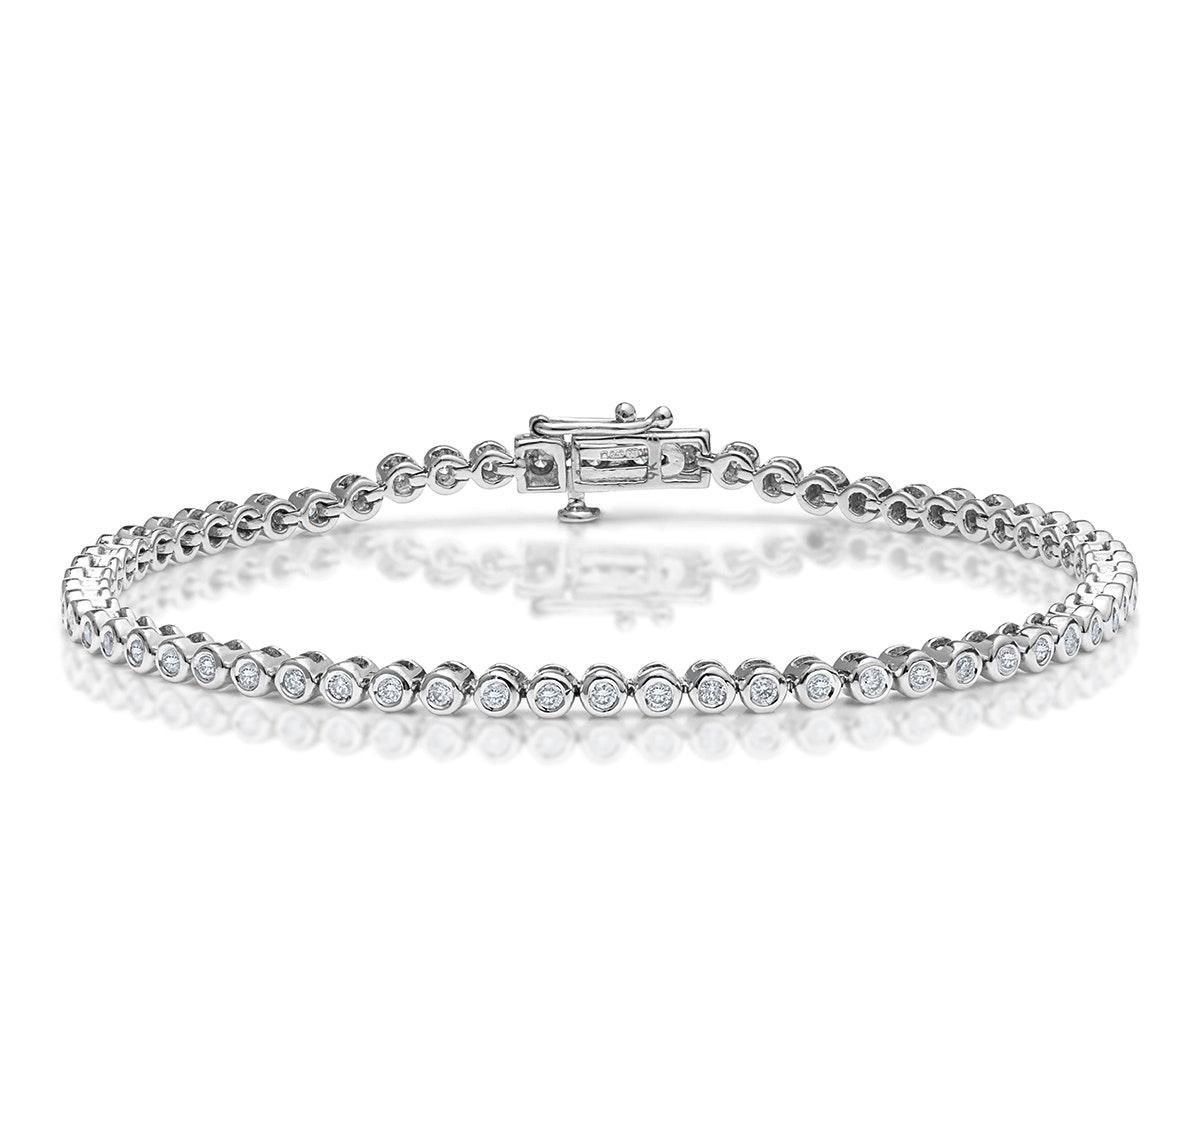 Diamond Tennis Bracelet Rubover Style 1.00ct 9K White Gold